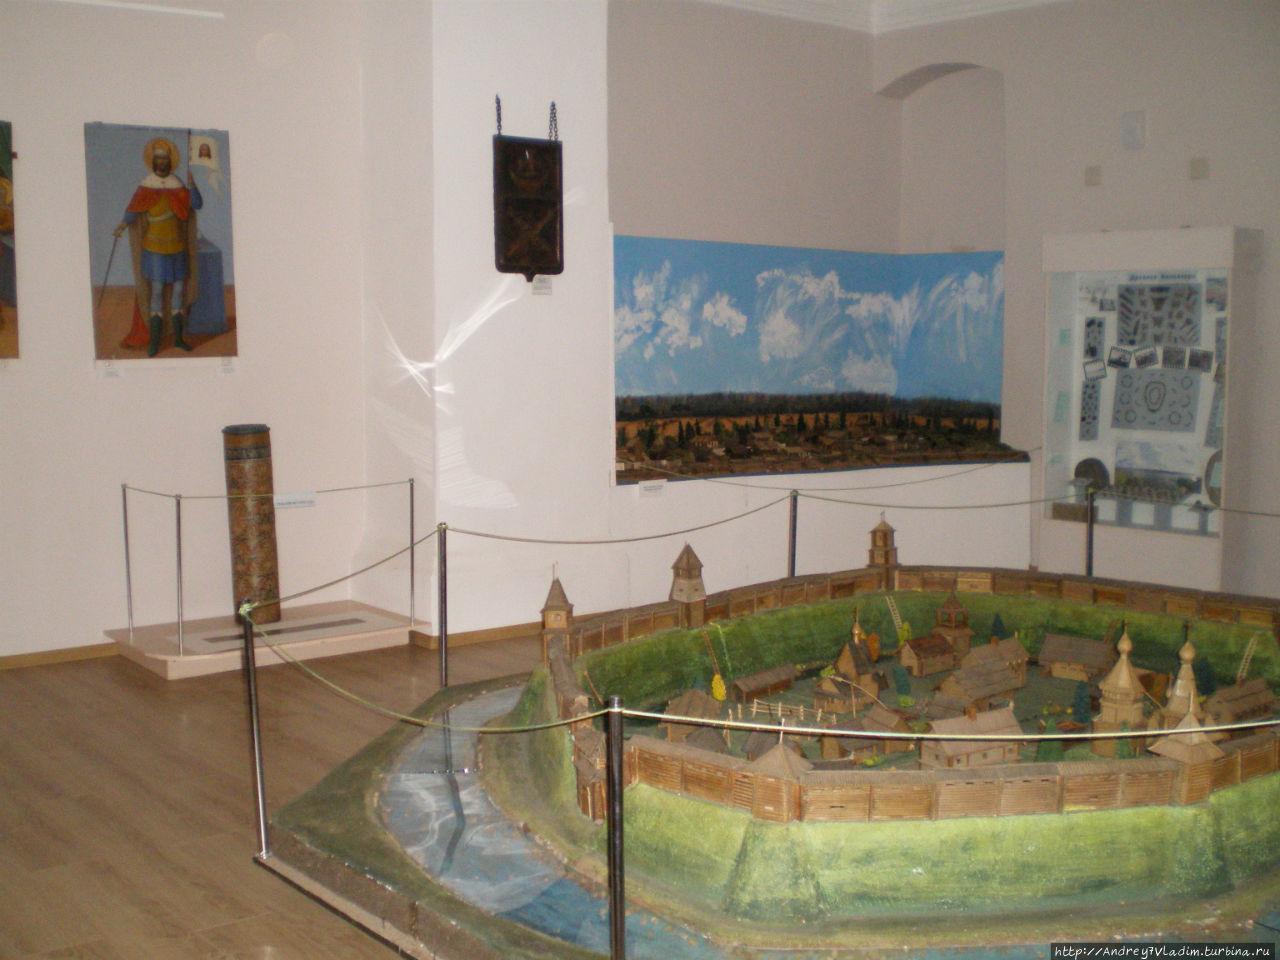 2 зал. На дальнем плане макет города Белоозеро (археологический памятник в истоке реки Шексна, где раньше находился Белозерск)